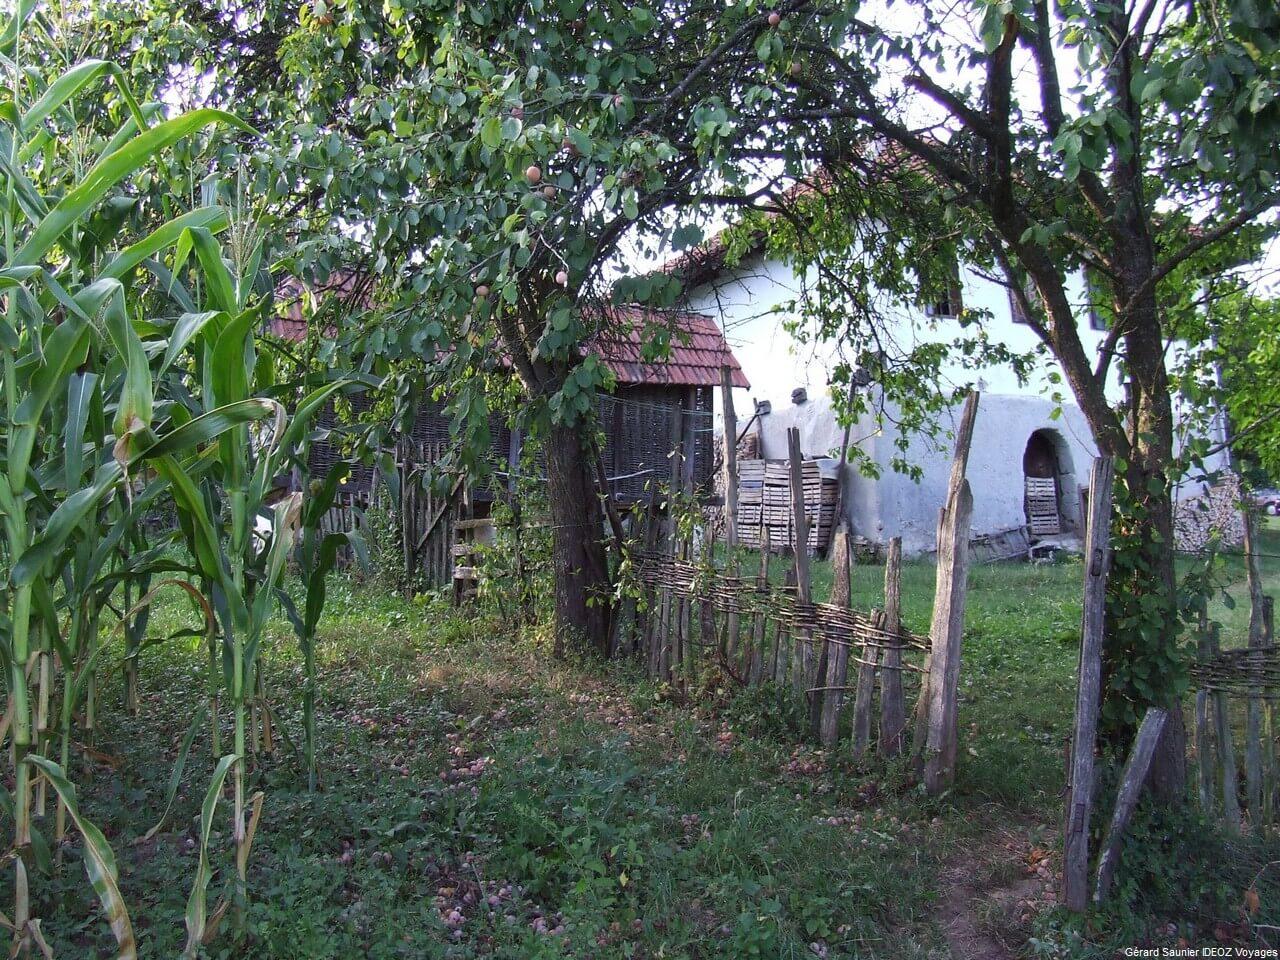 Rencontre inoubliable à Arilje en Serbie centrale : merveilleux souvenir 31